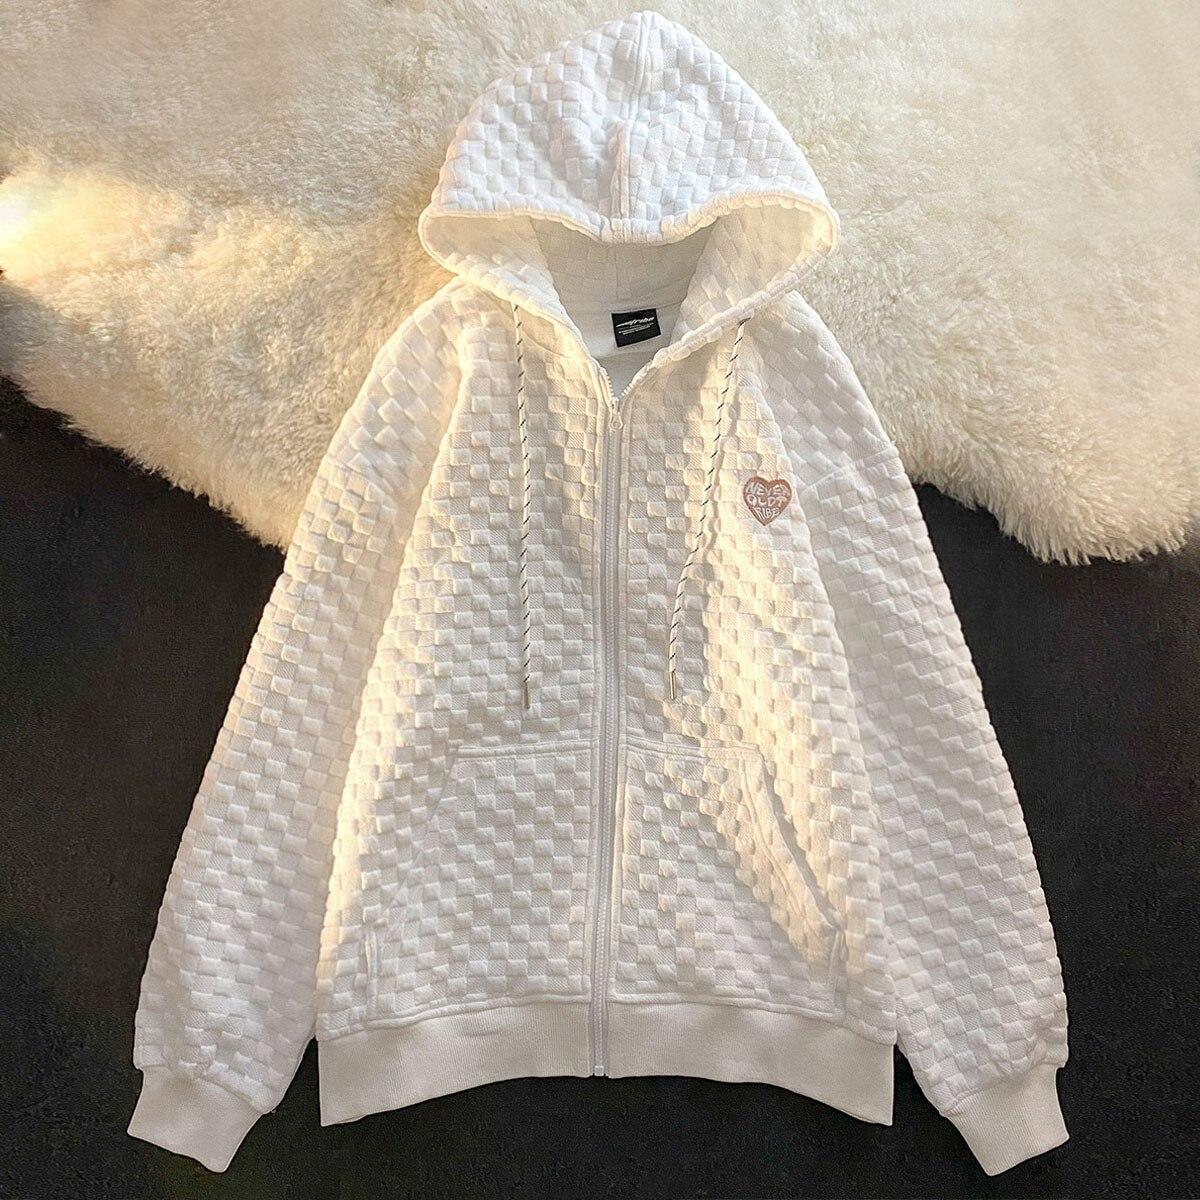 Y2K большие толстовки женские модные толстовки на молнии в Корейском стиле с длинным рукавом для пары 2021 белые осенние наряды Kawaii одежда